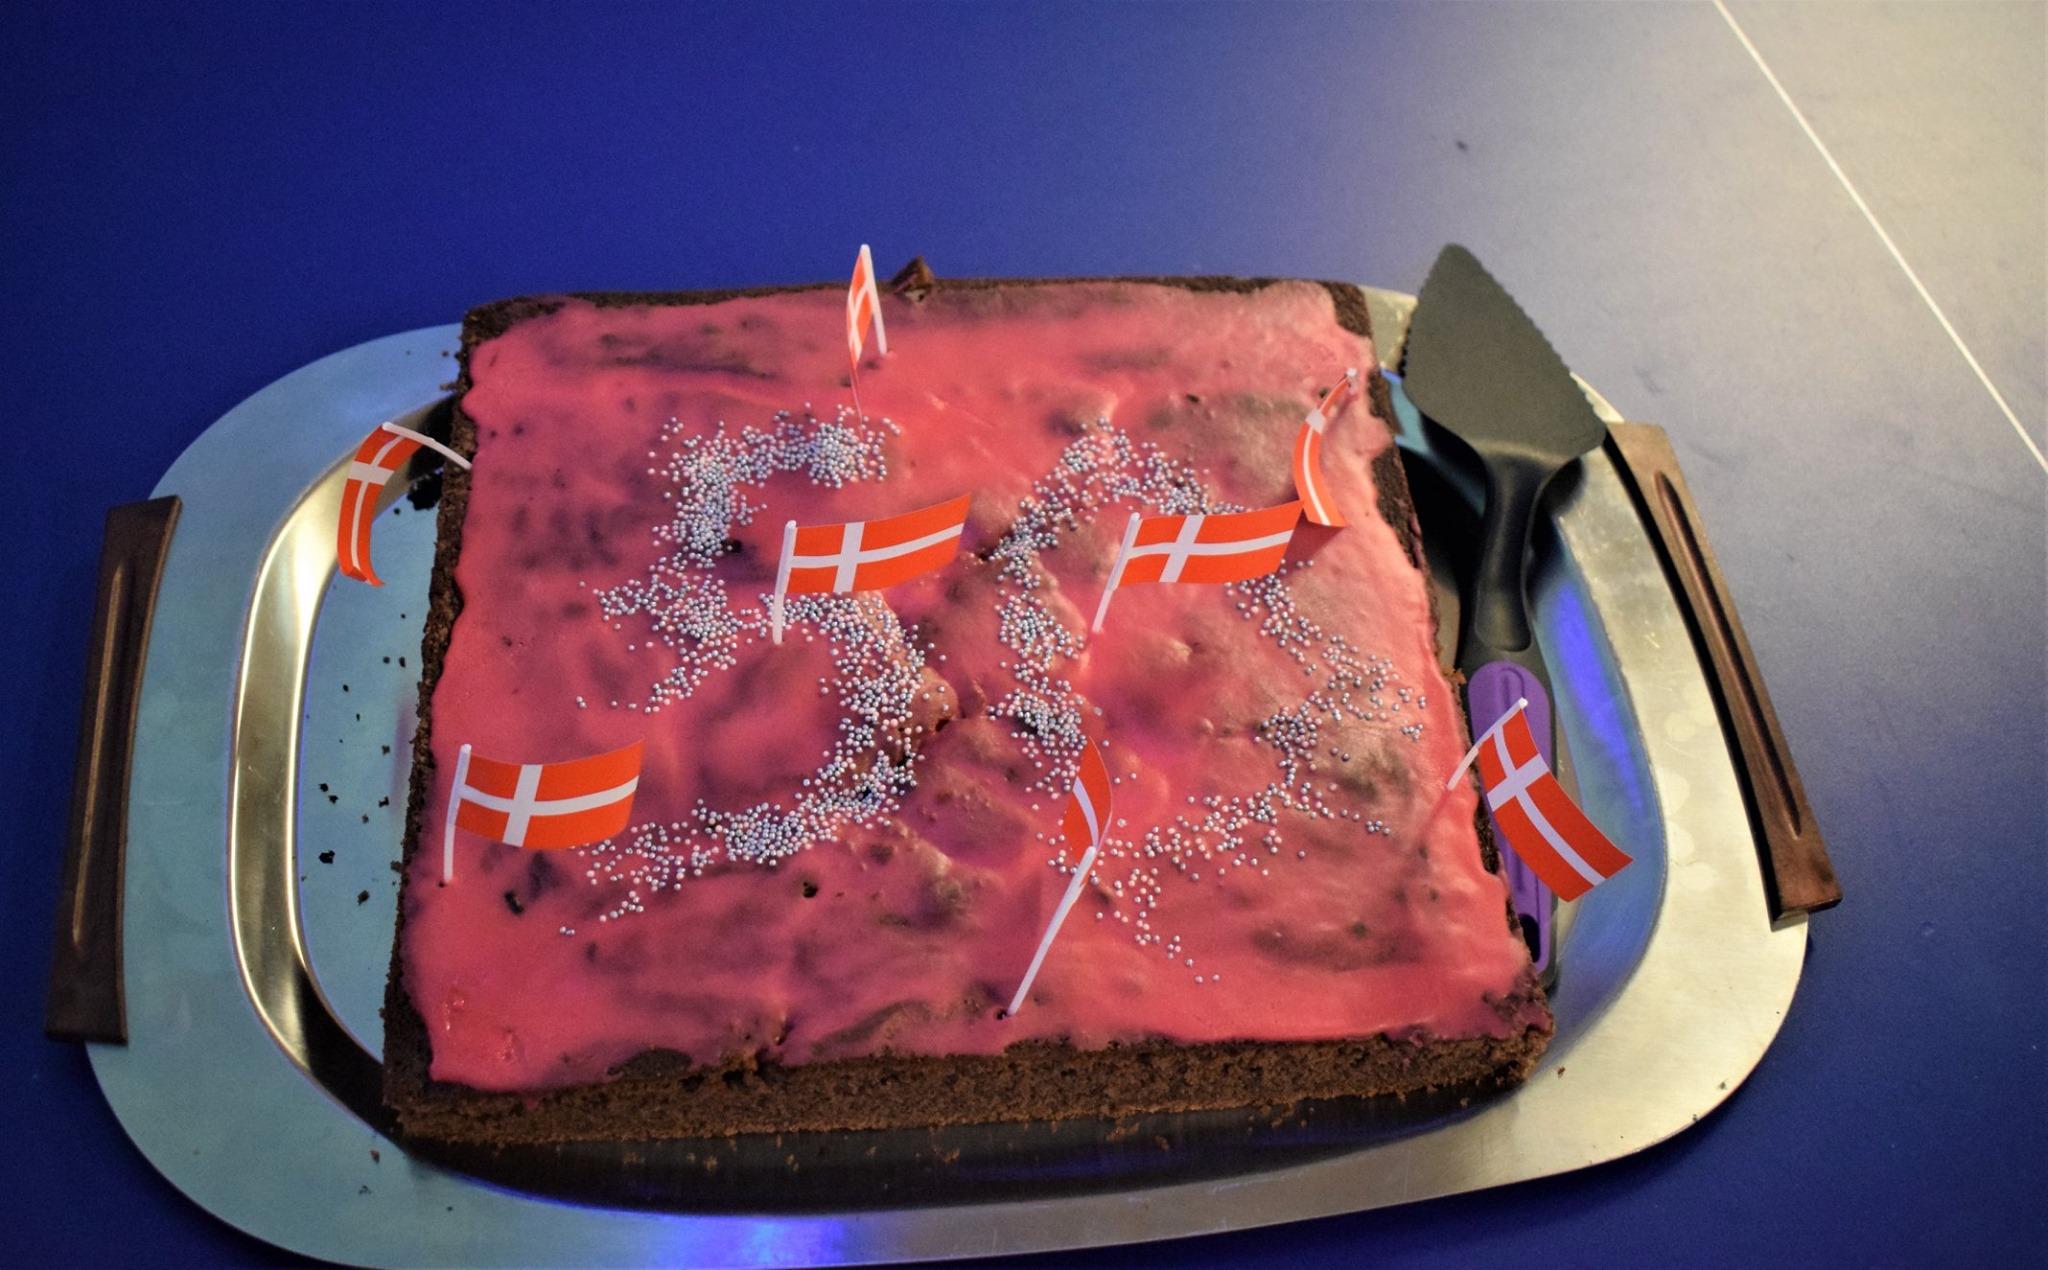 Vejen cake